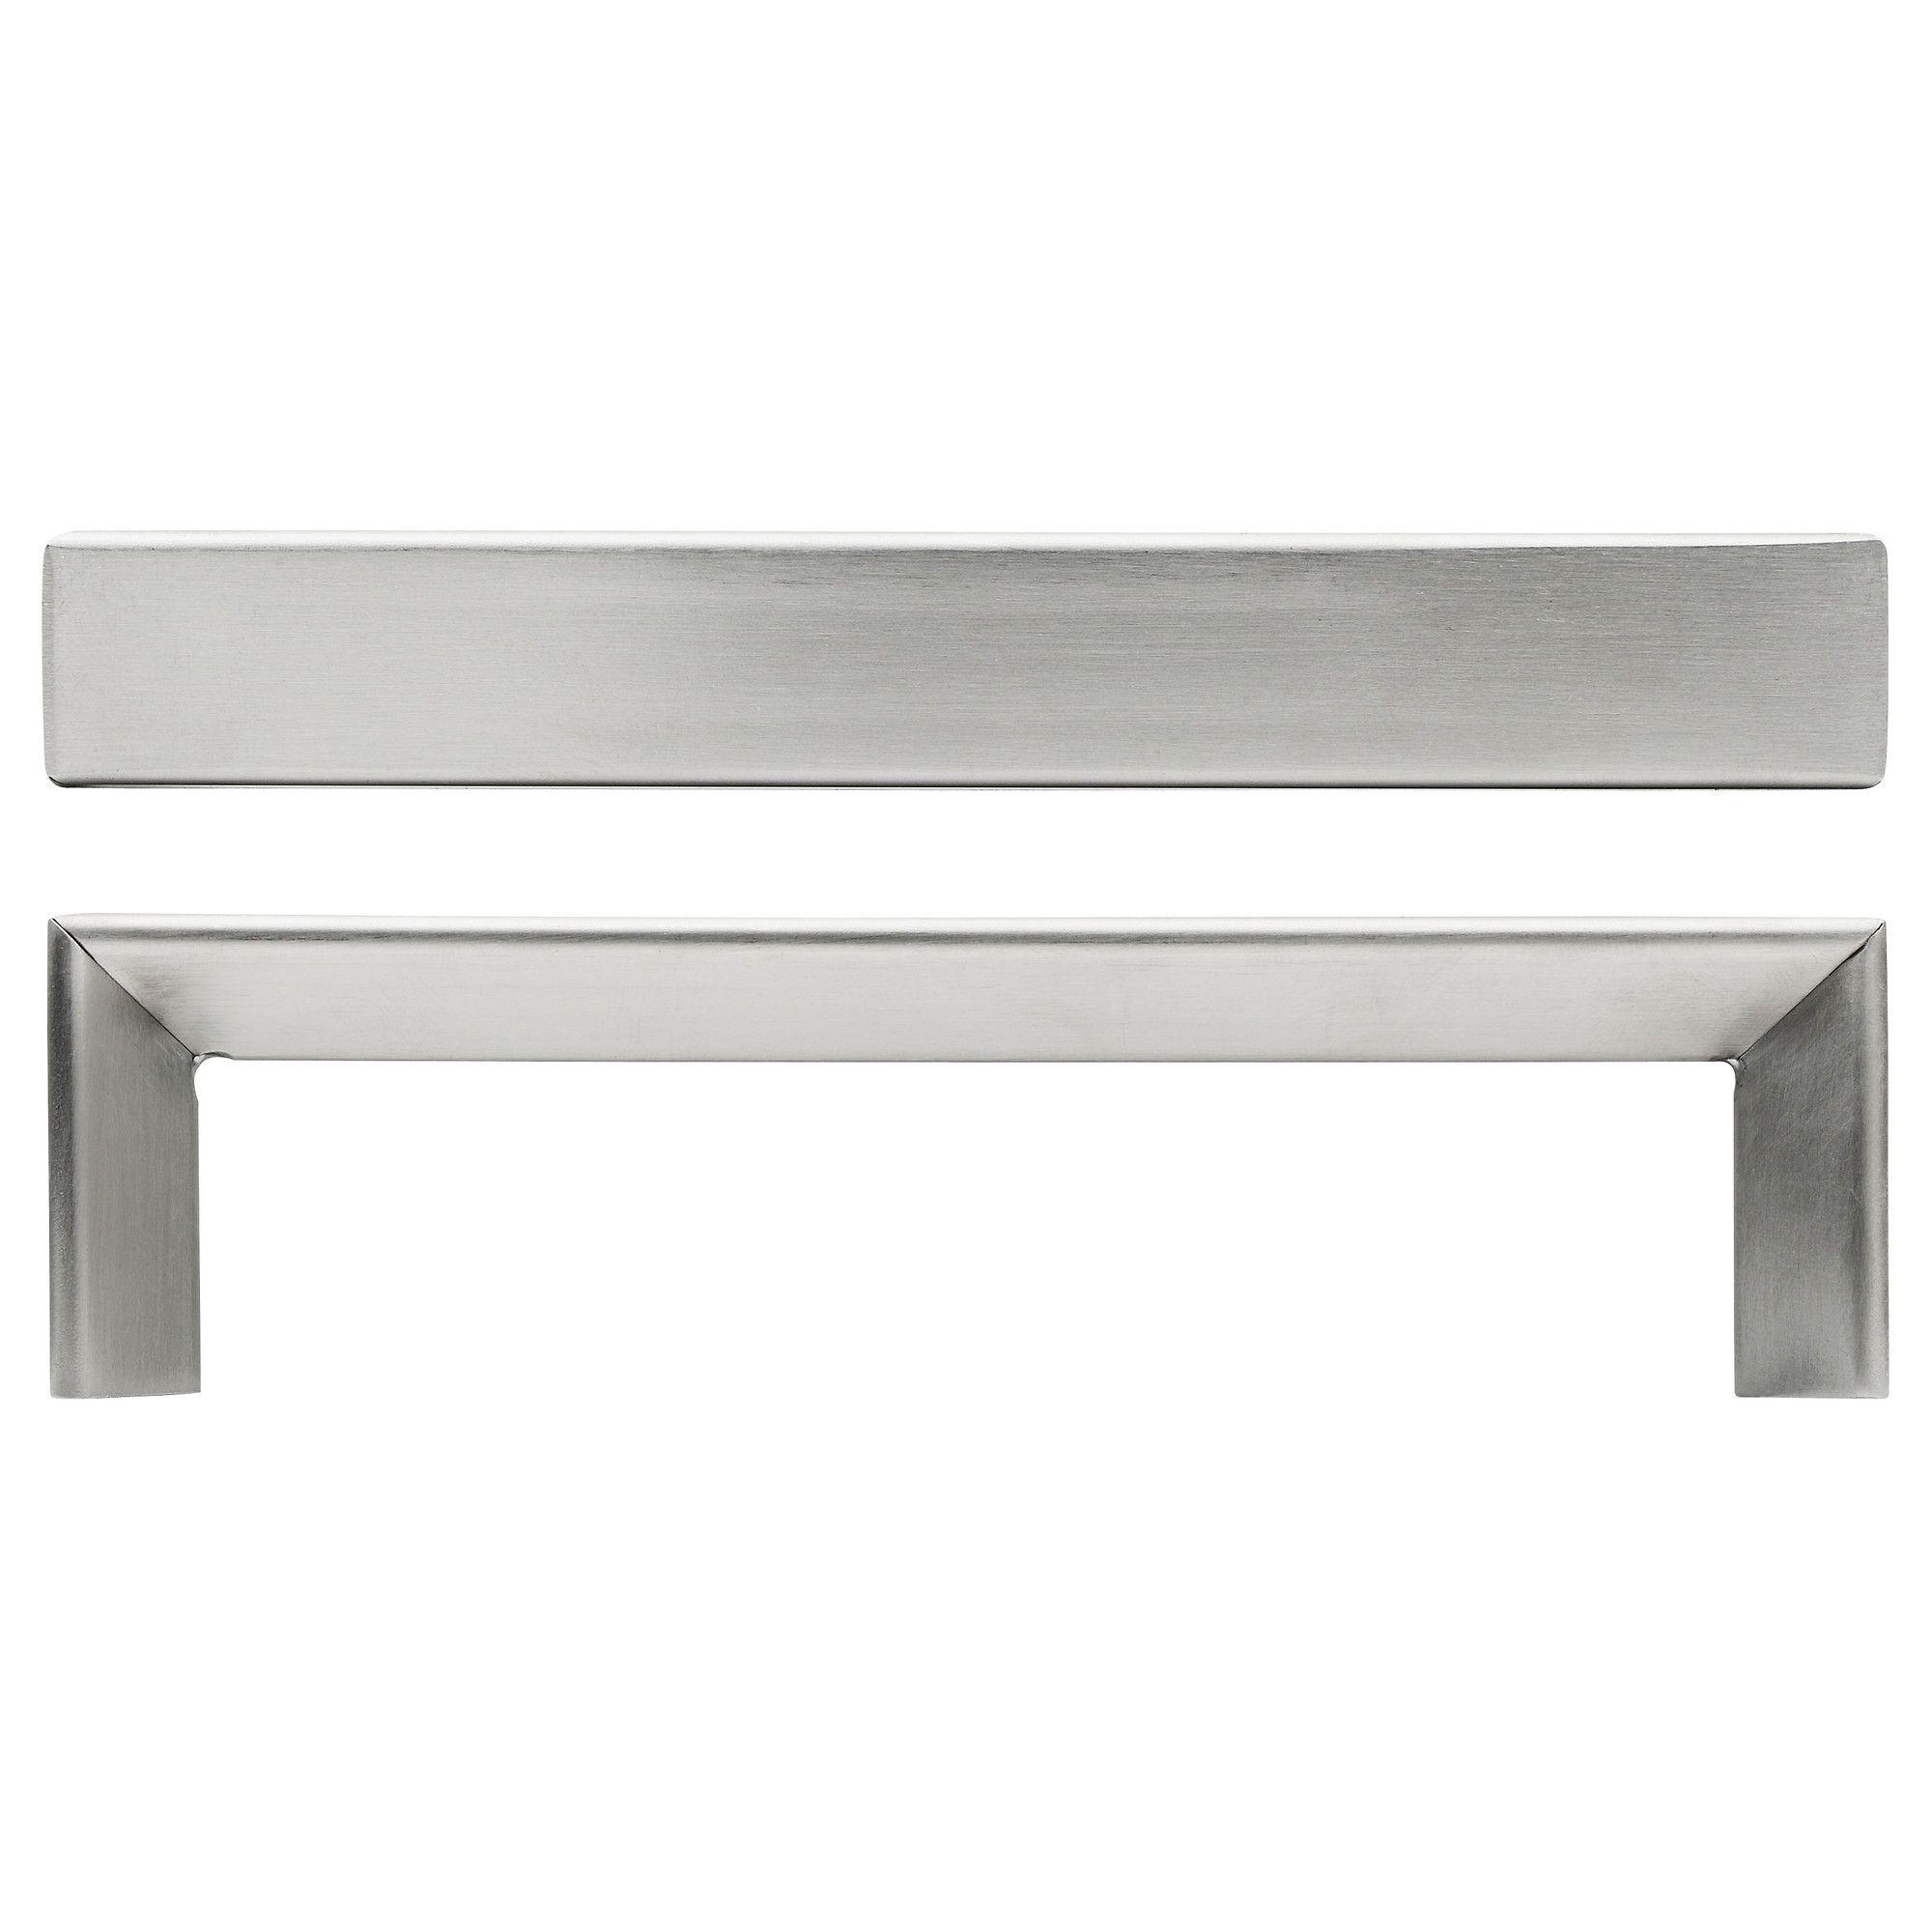 Poignée De Cuisine Ikea tyda poignée - acier inoxydable 138 mm | ikea et poignée